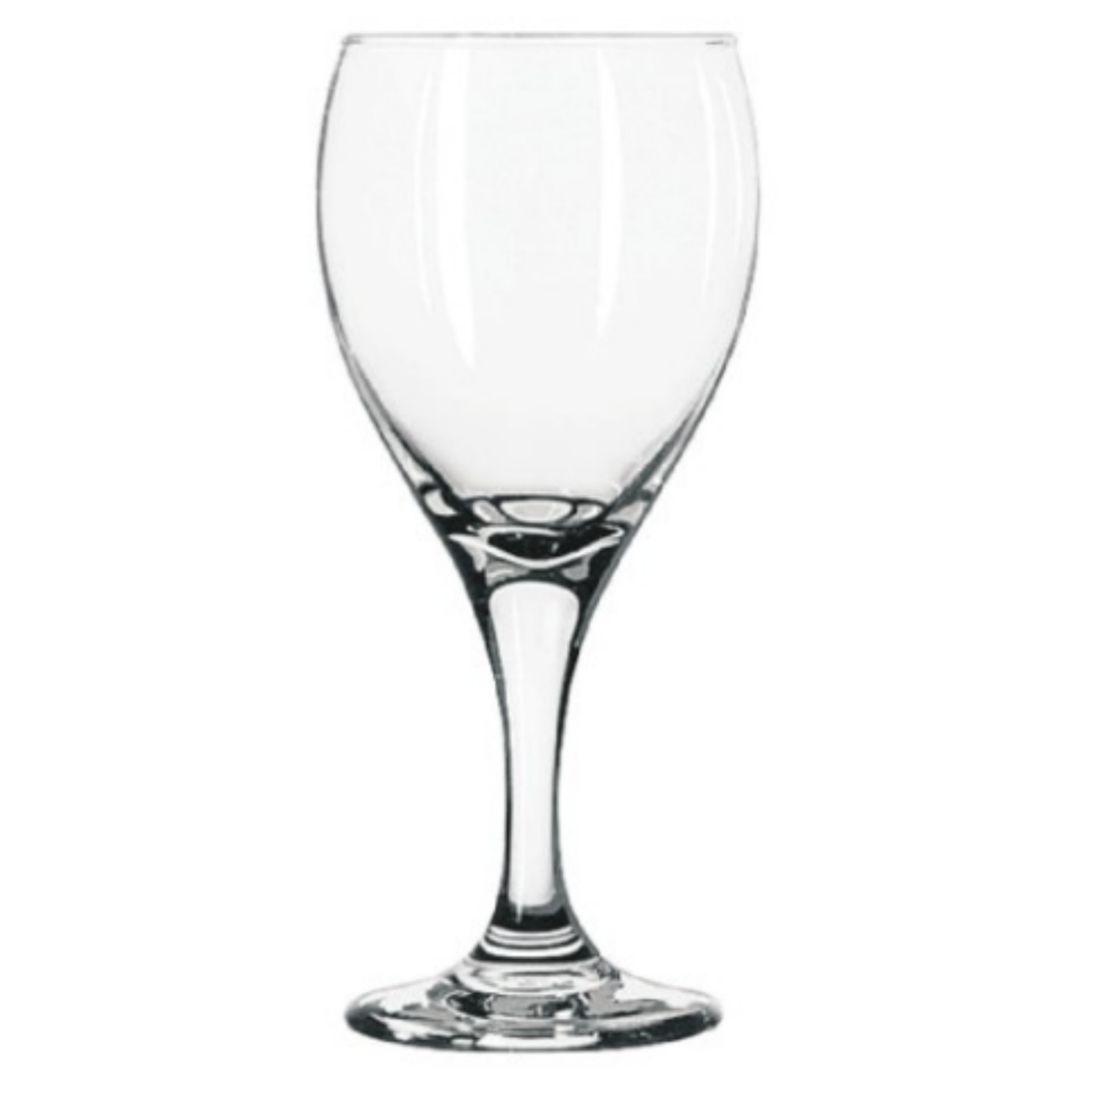 Teardrop, sklenička na víno 31 cl